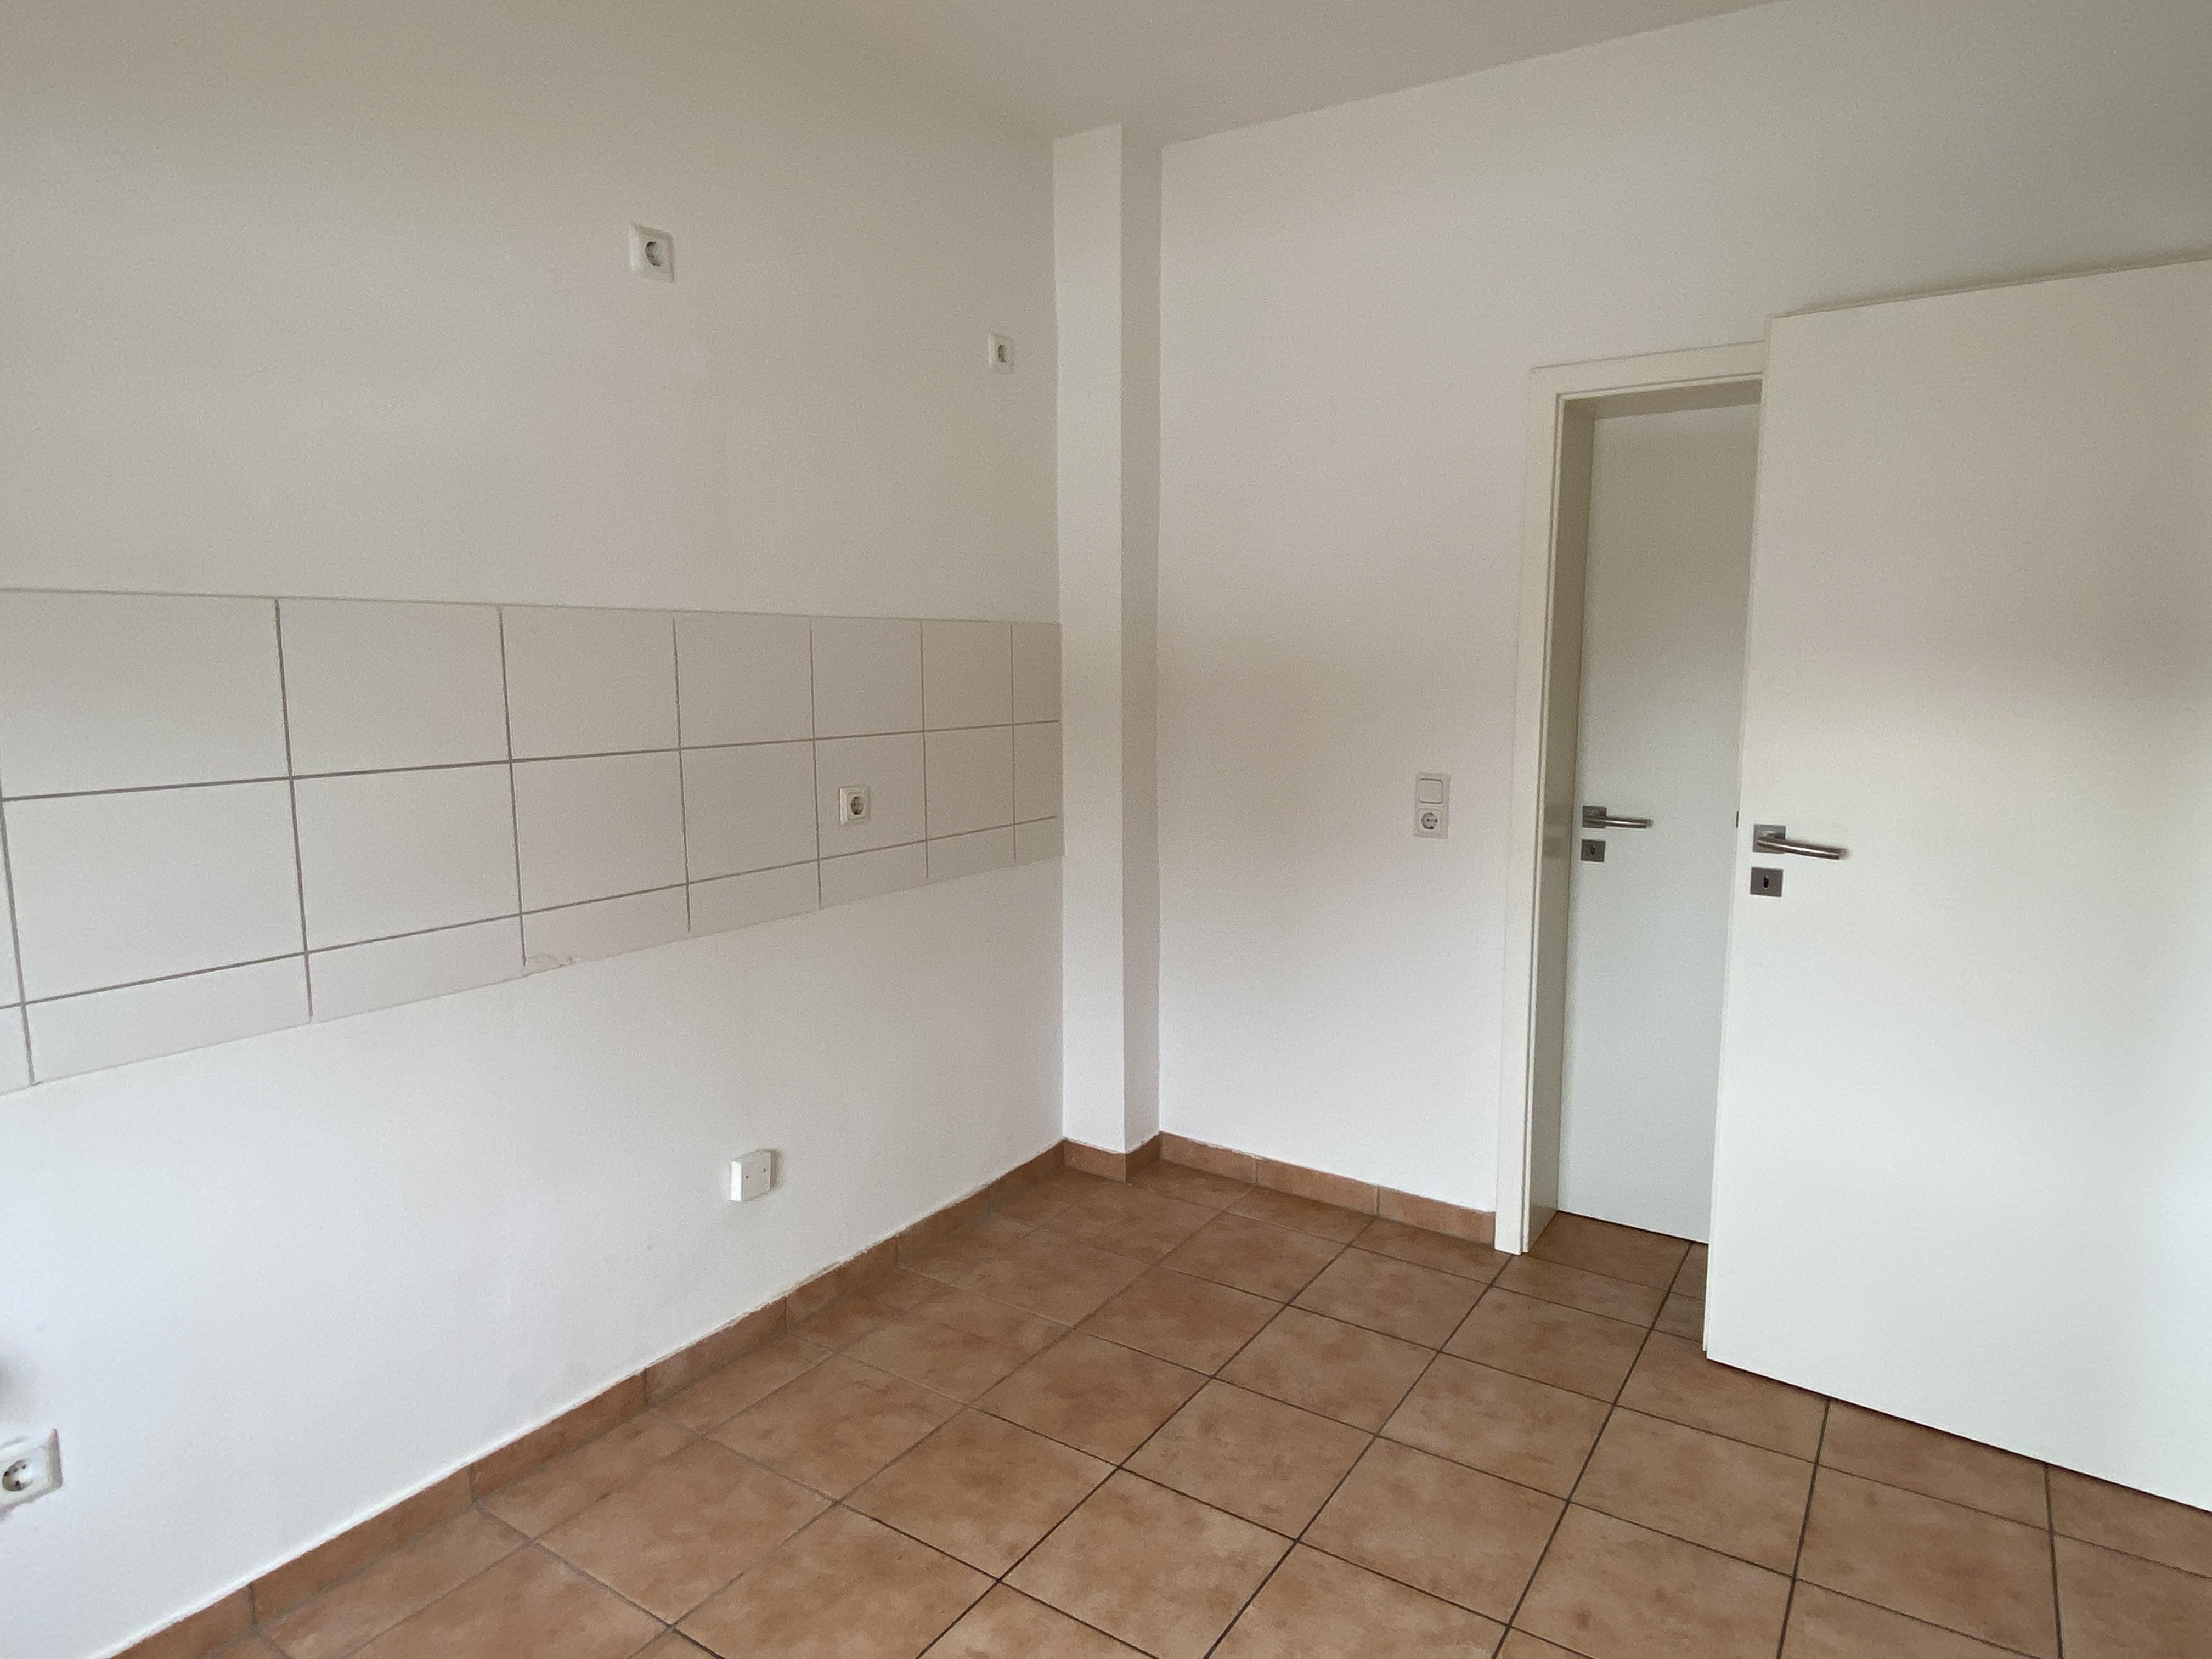 Wohnung/Mietwohnung in Hötensleben